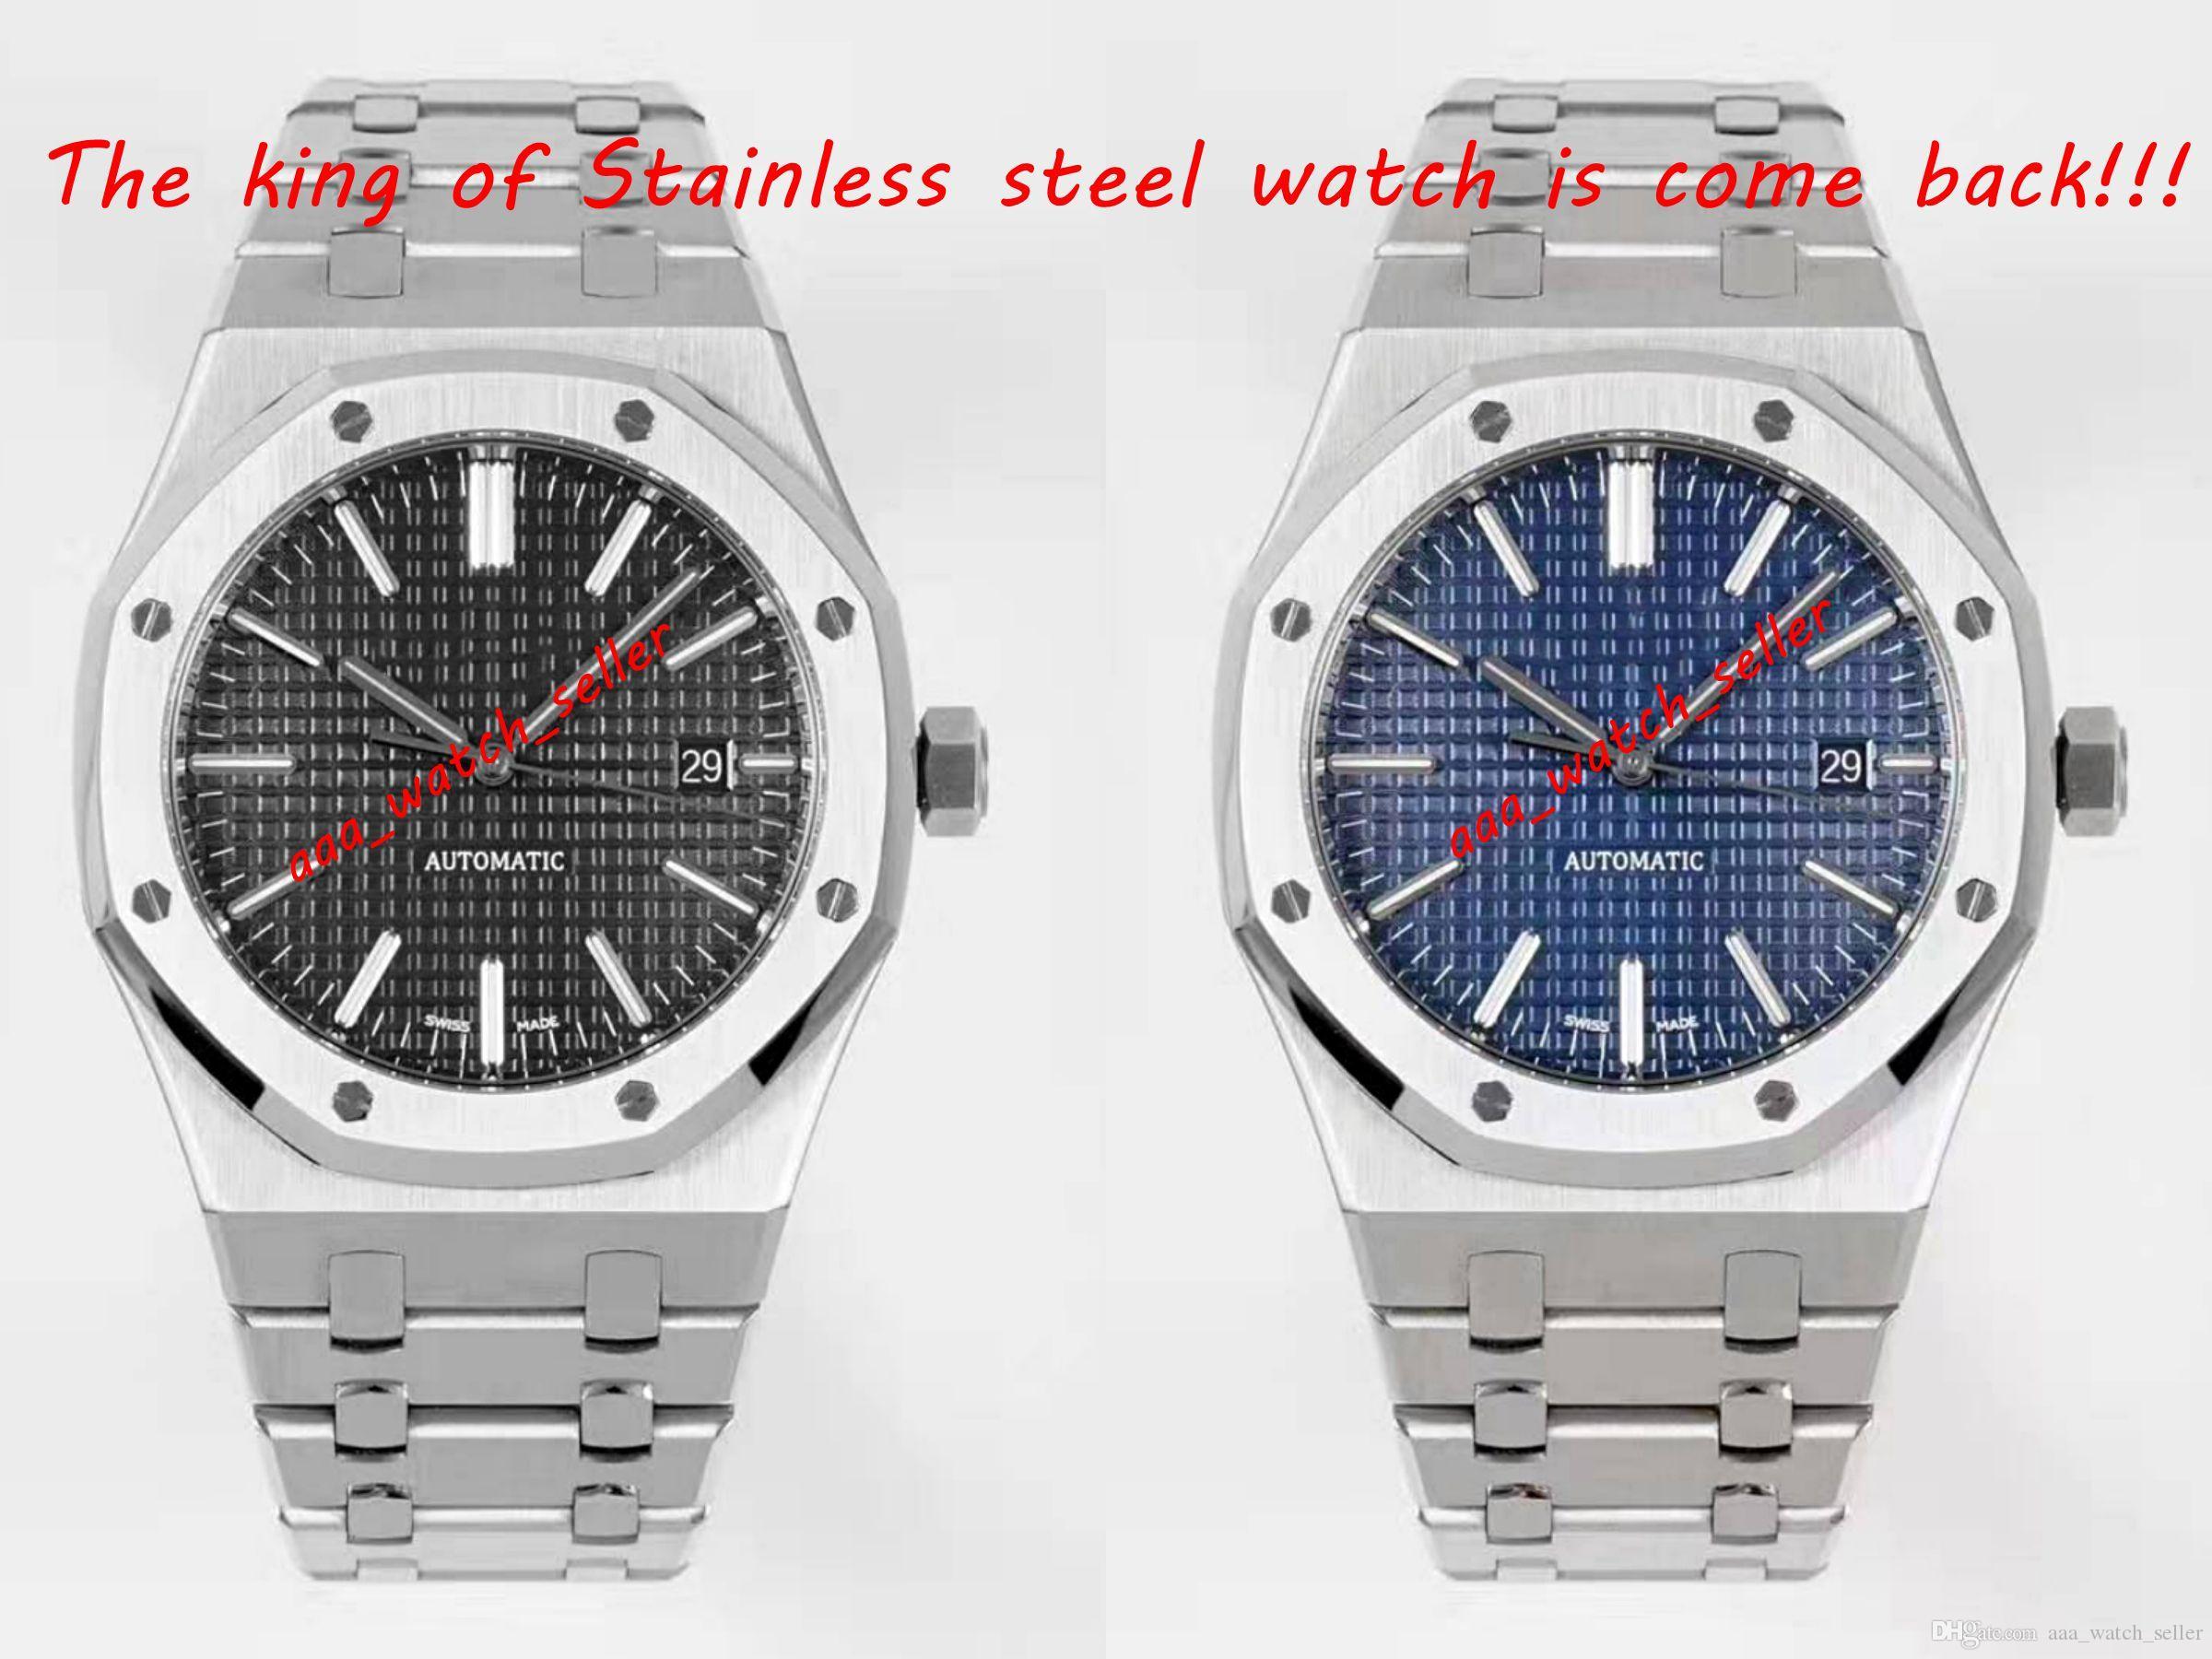 2 Стили Высокое качество Роскошные Мужские Часы Royal Oak 15400 15407 15500 15202 Miyota 9015 Автоматическое движение Нержавеющая Сталь Водонепроницаемый 100М